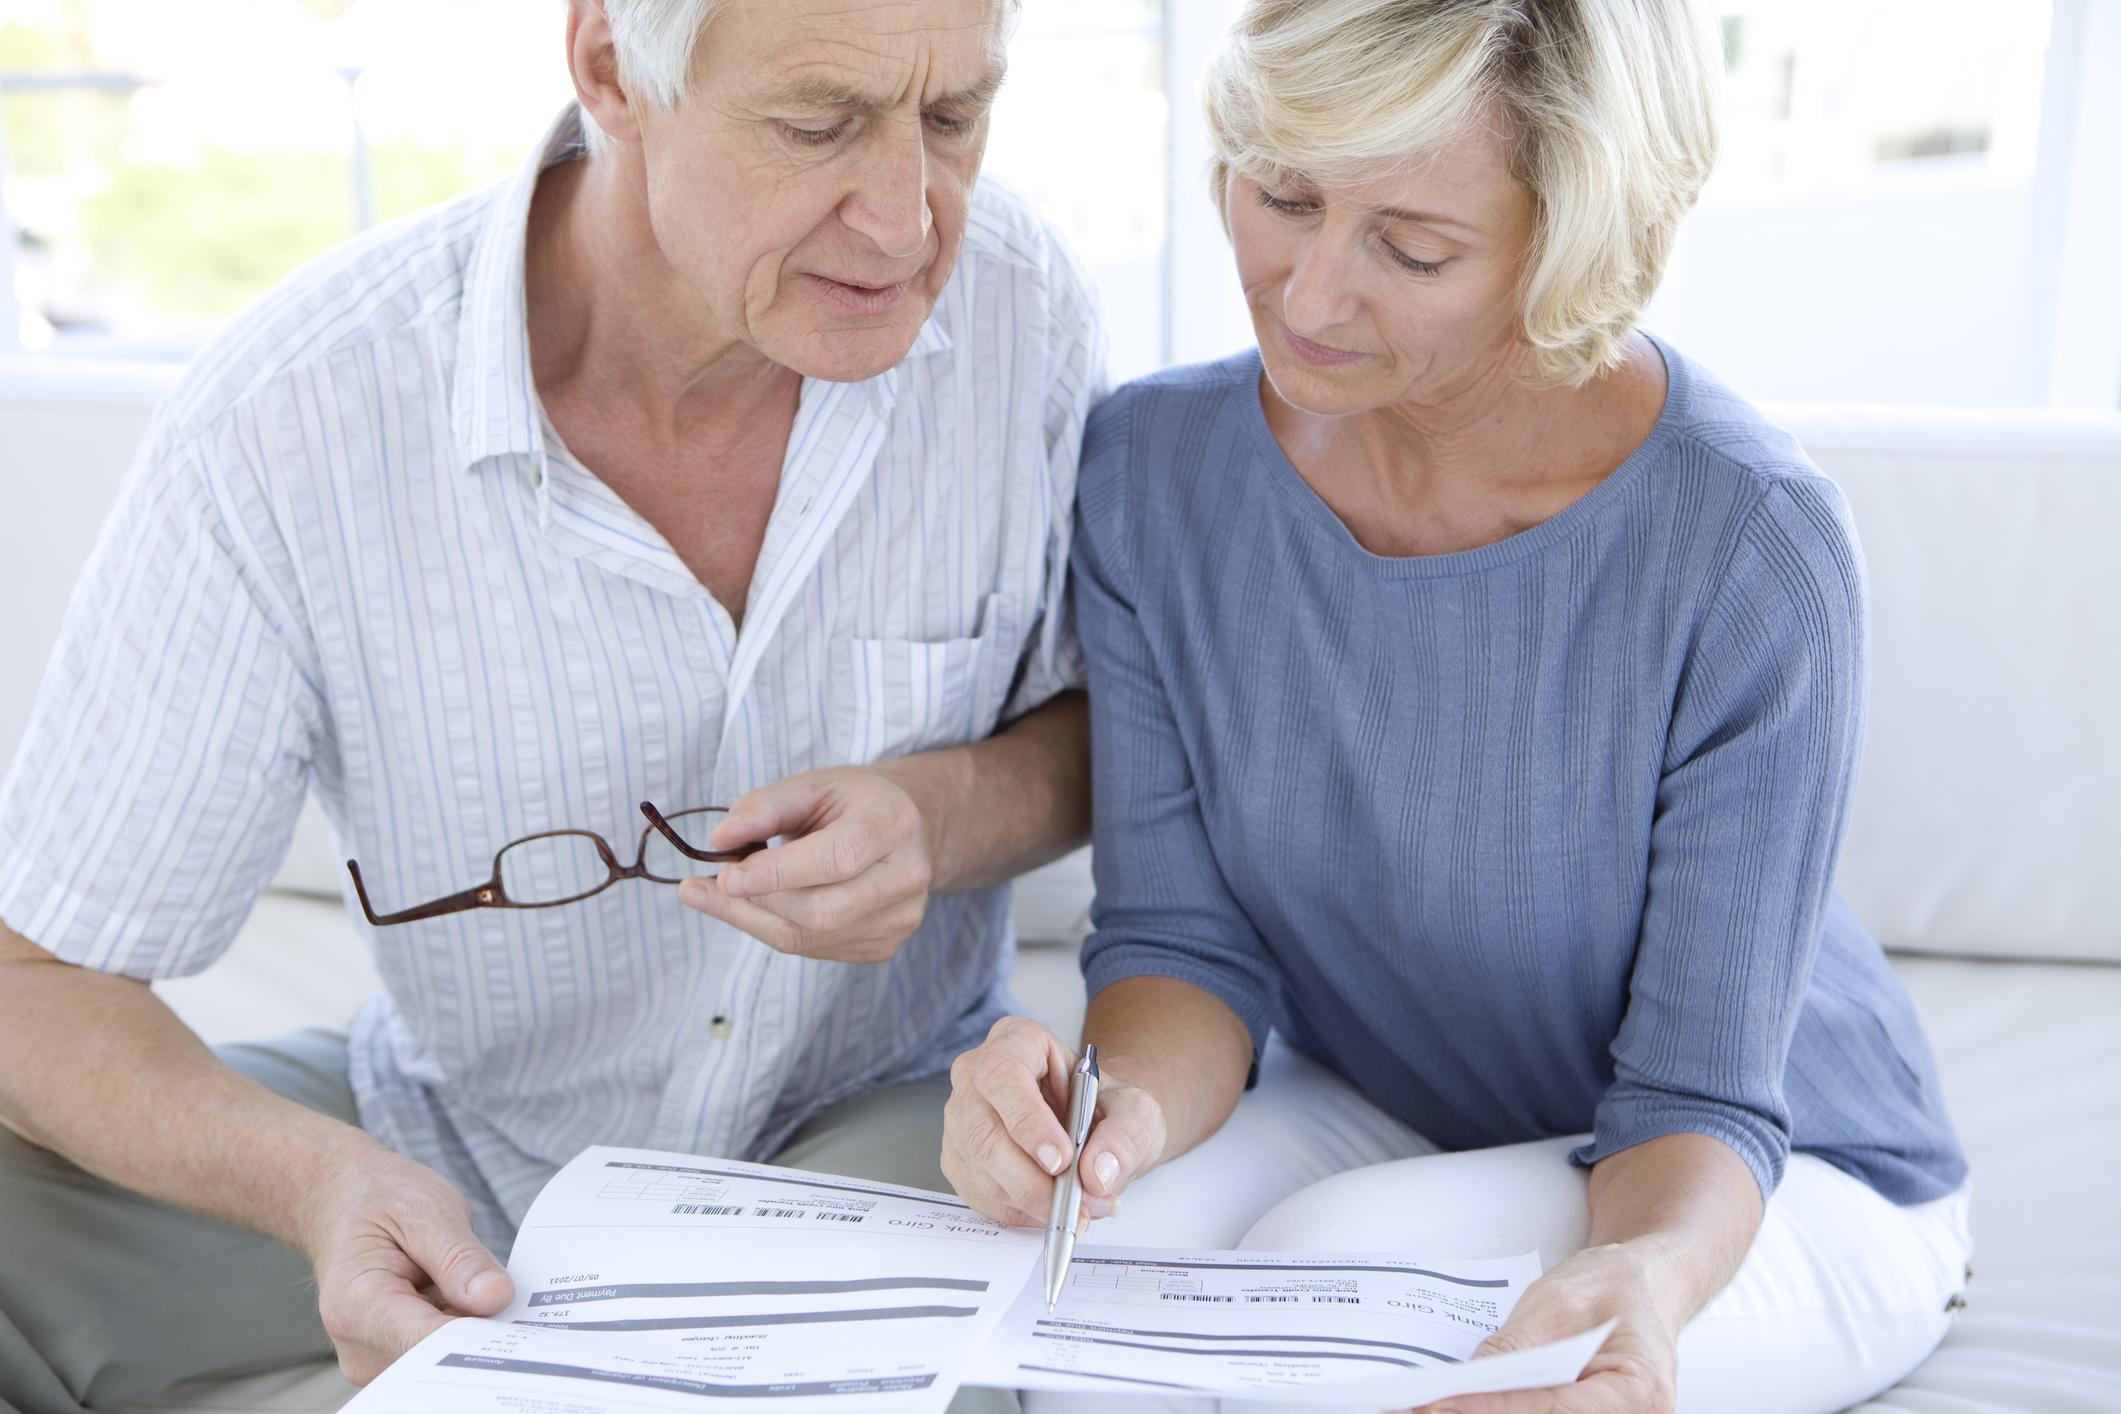 Senior citizens worried about bills